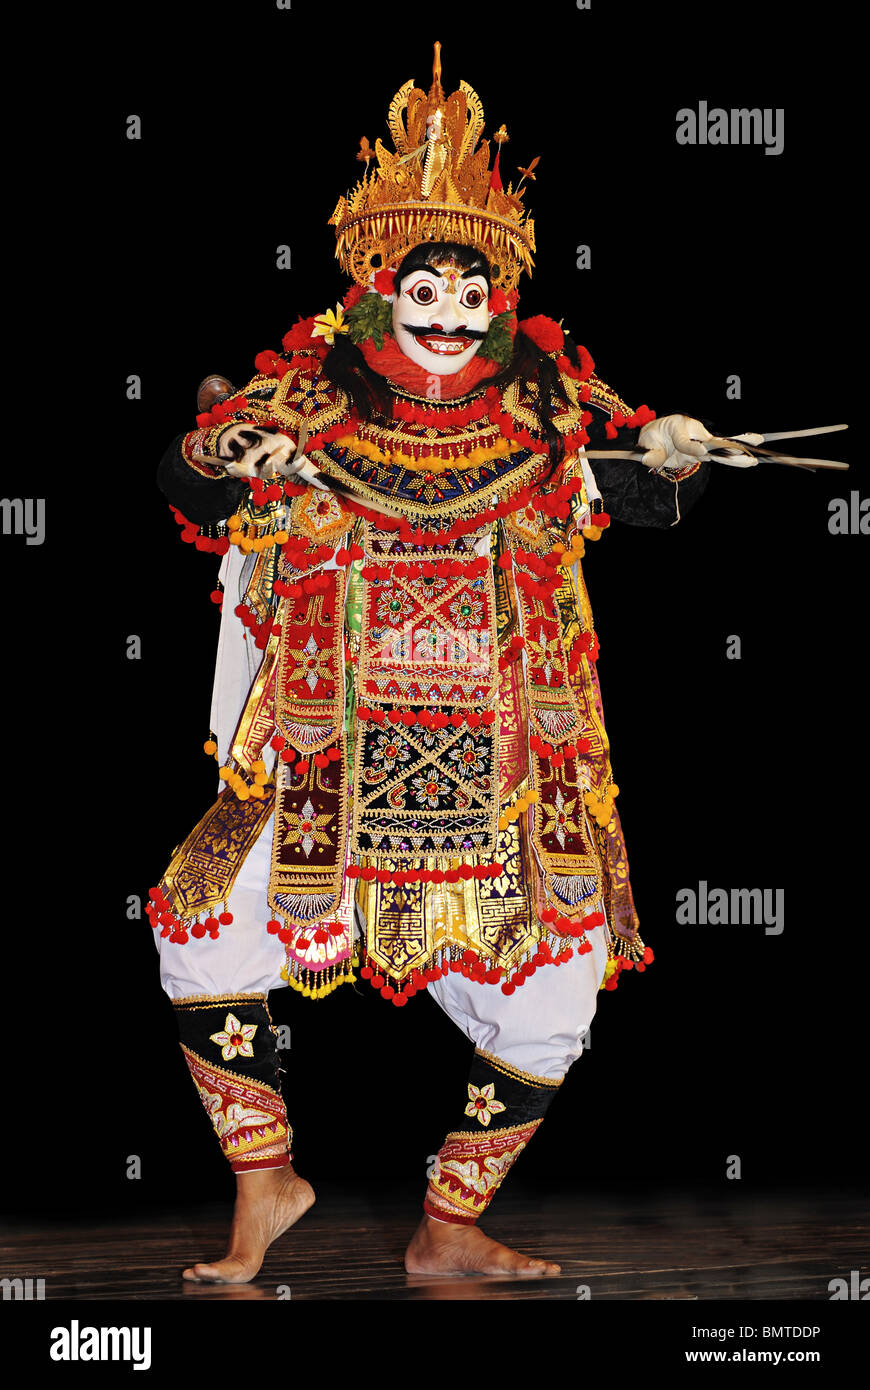 Indonesia-Bali, Jauk dancer of Masleers performing Mask Drama. - Stock Image